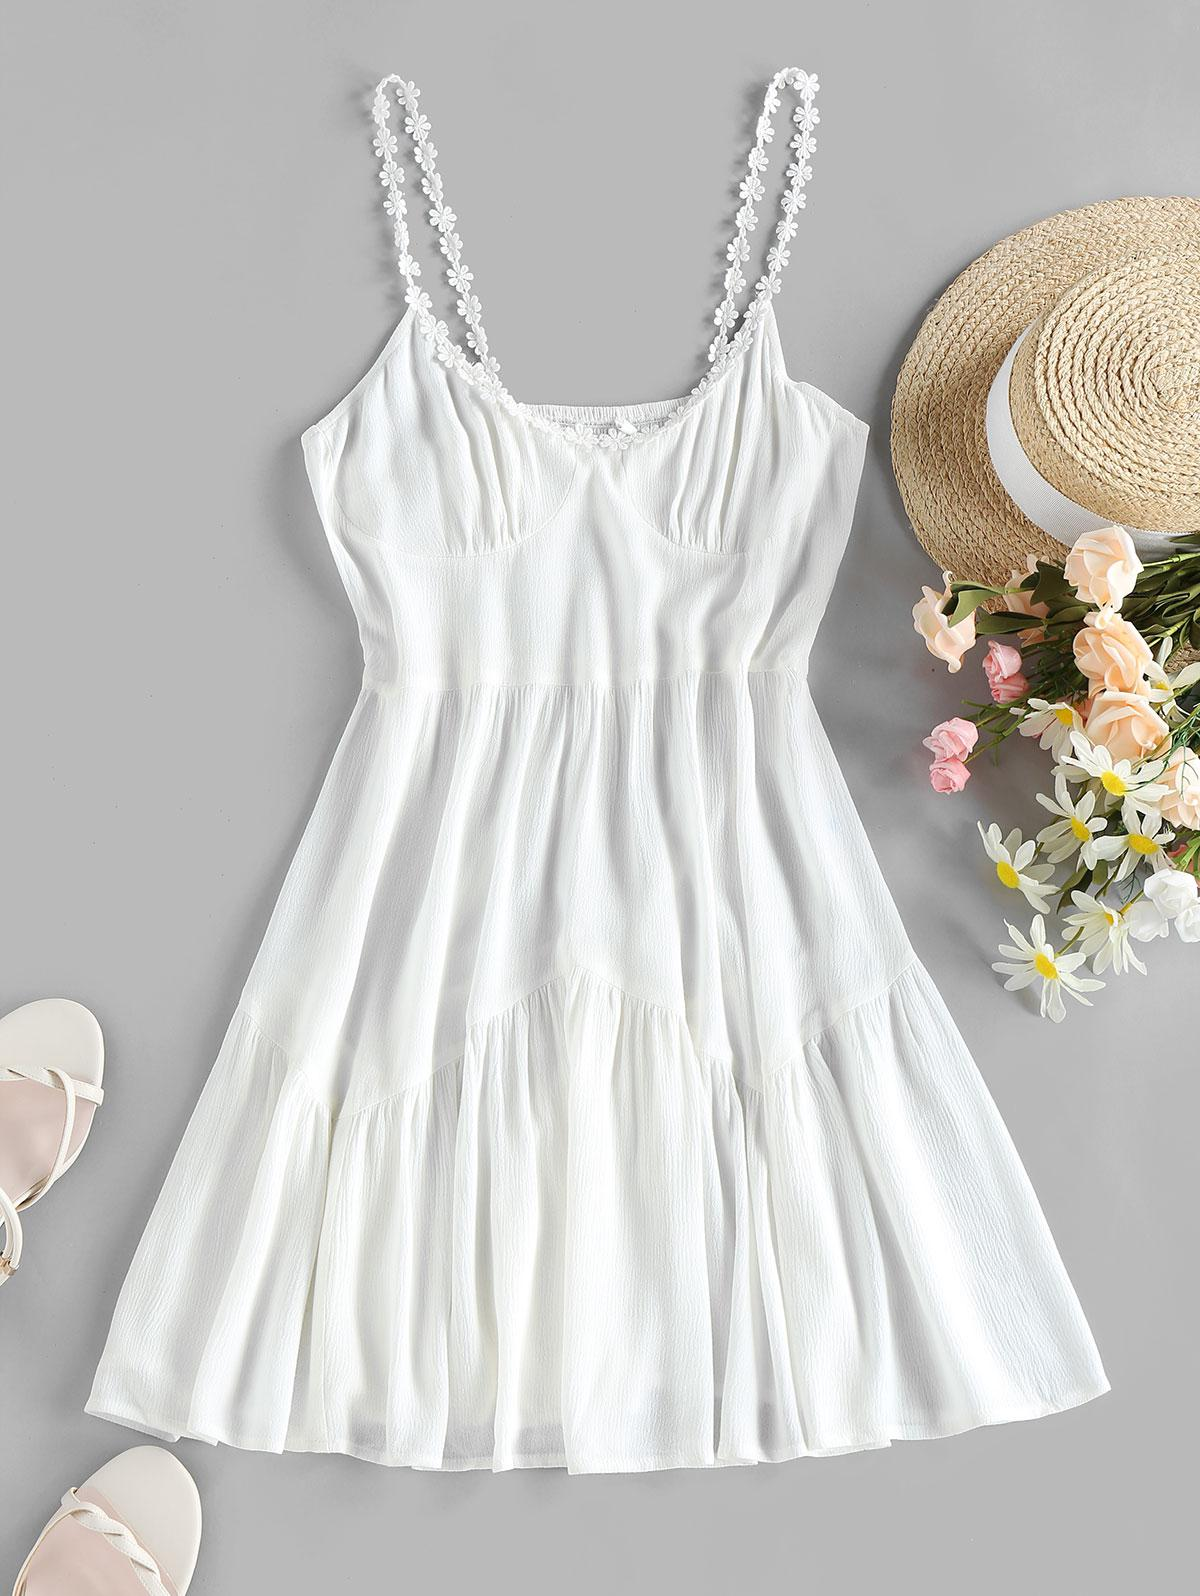 ZAFUL Flower Applique Smocked Backless Crinkle Dress